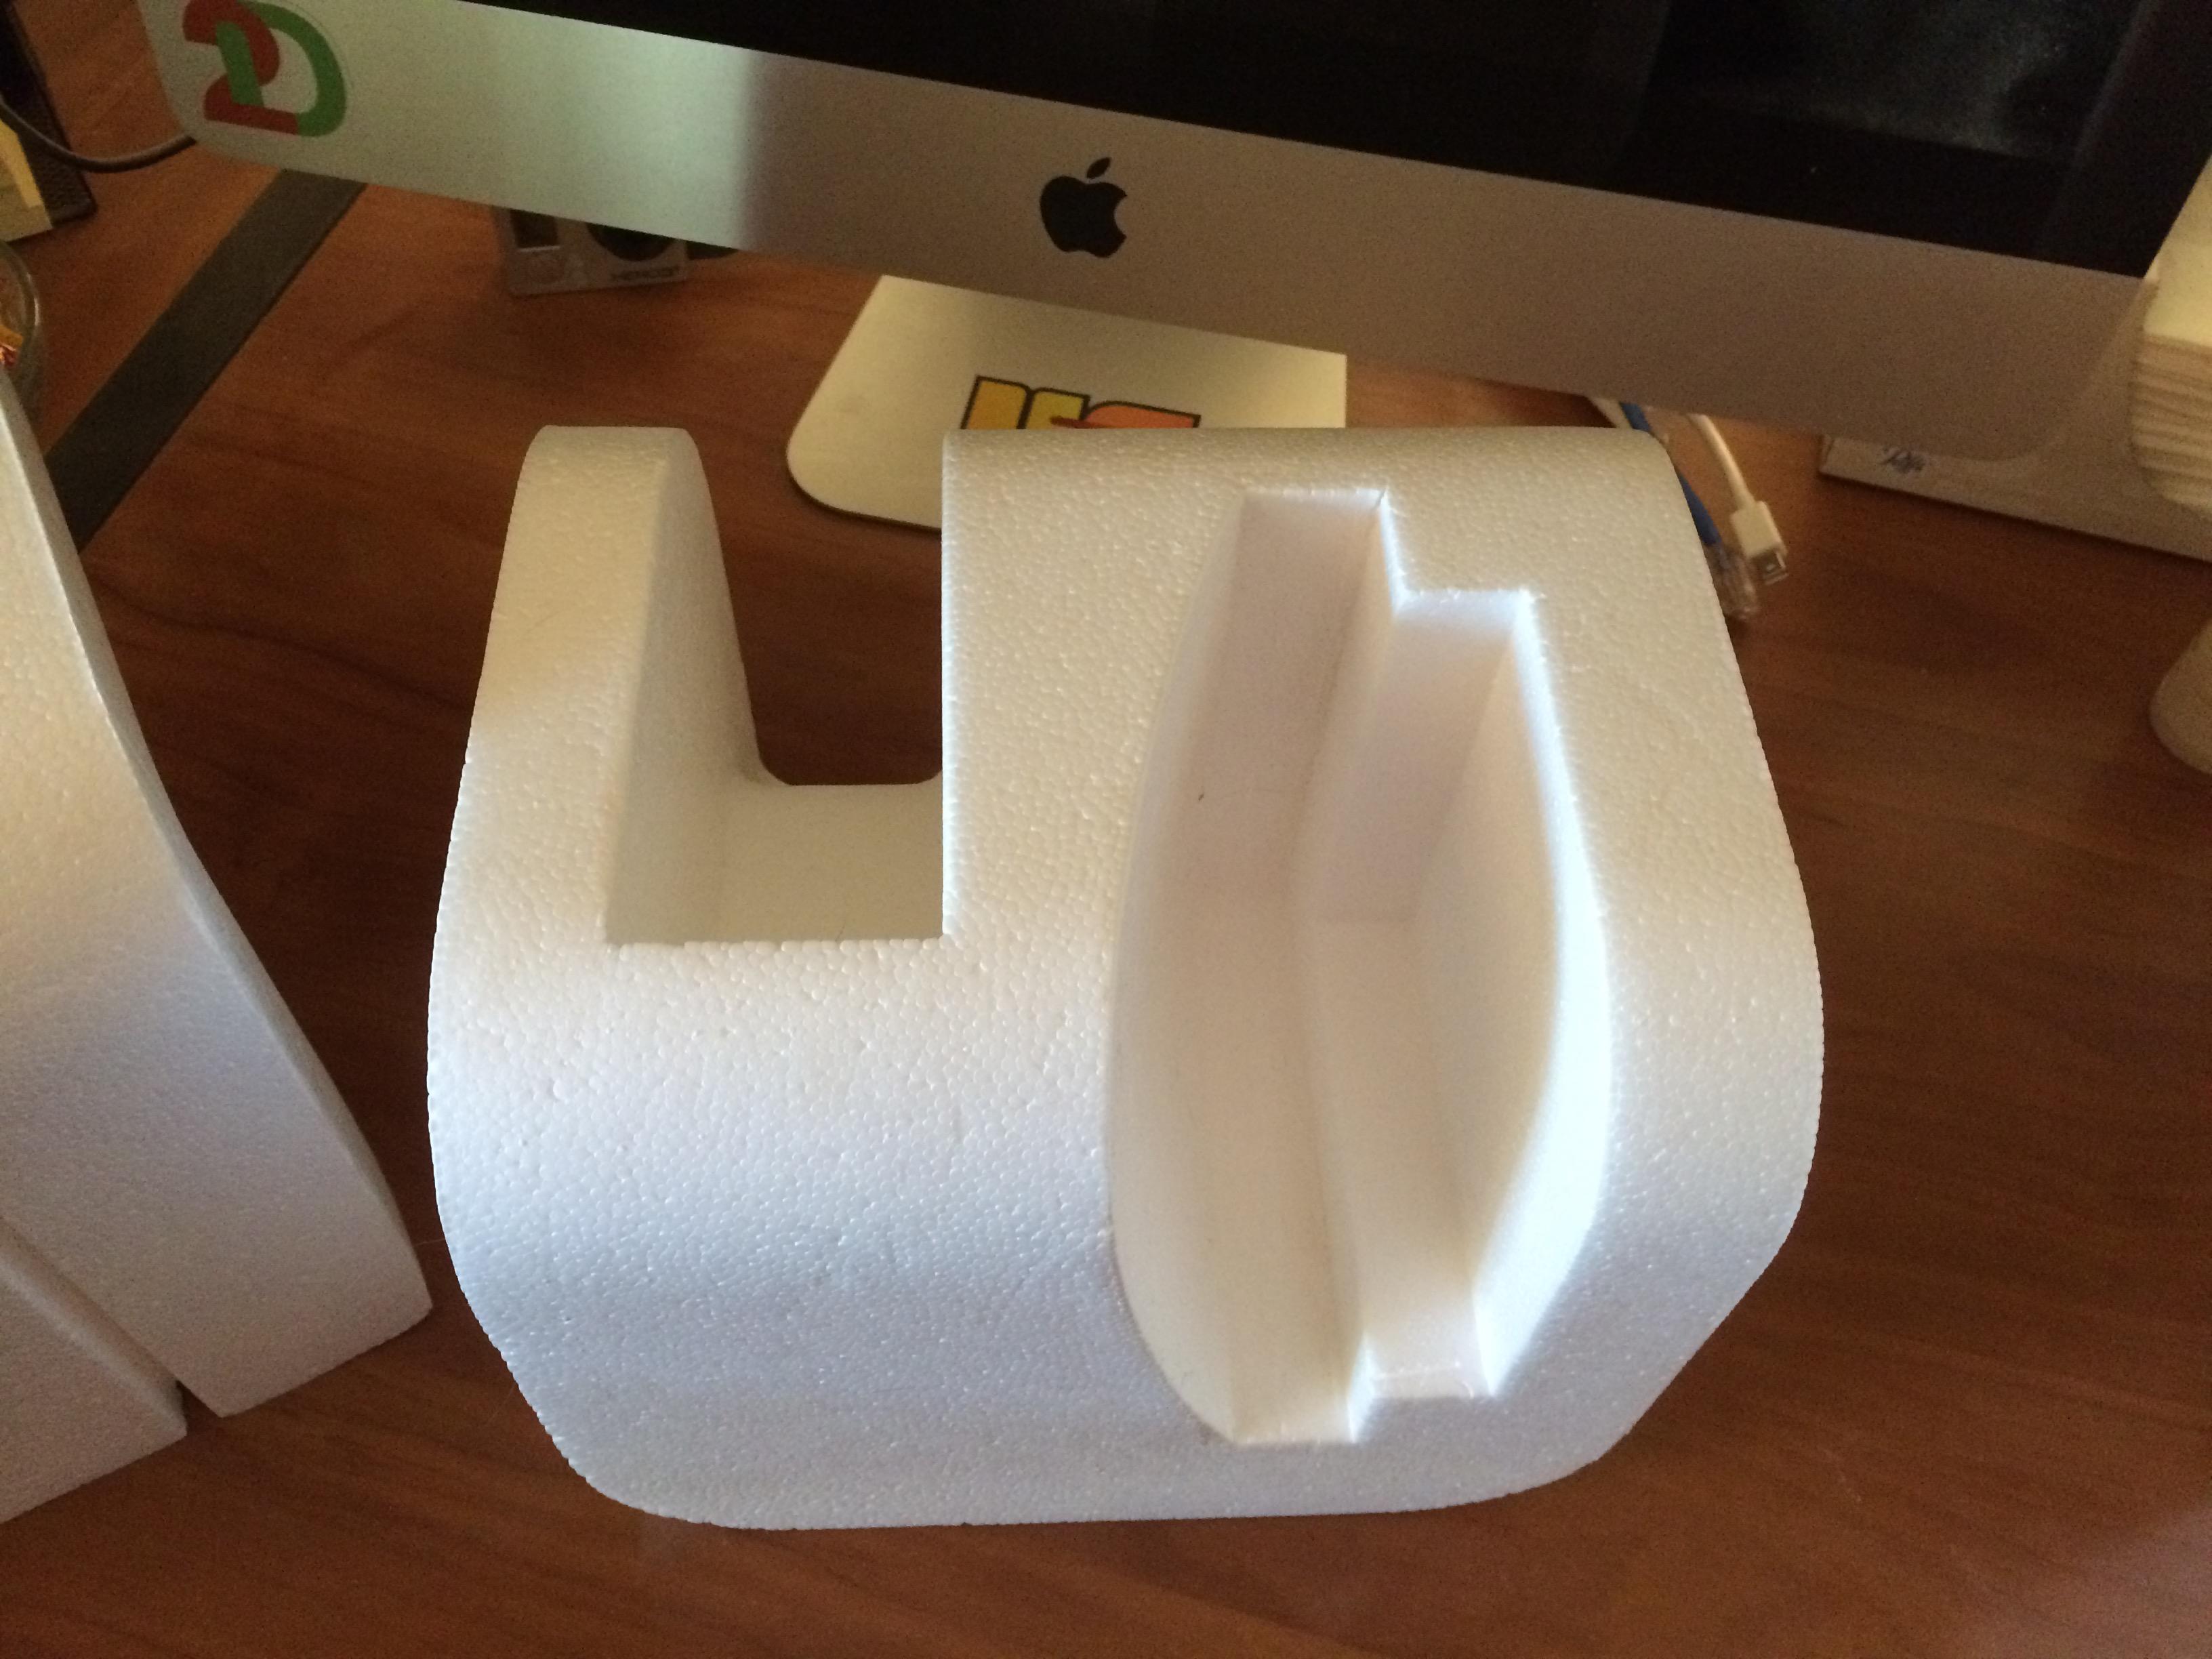 Top Left Styrofoam